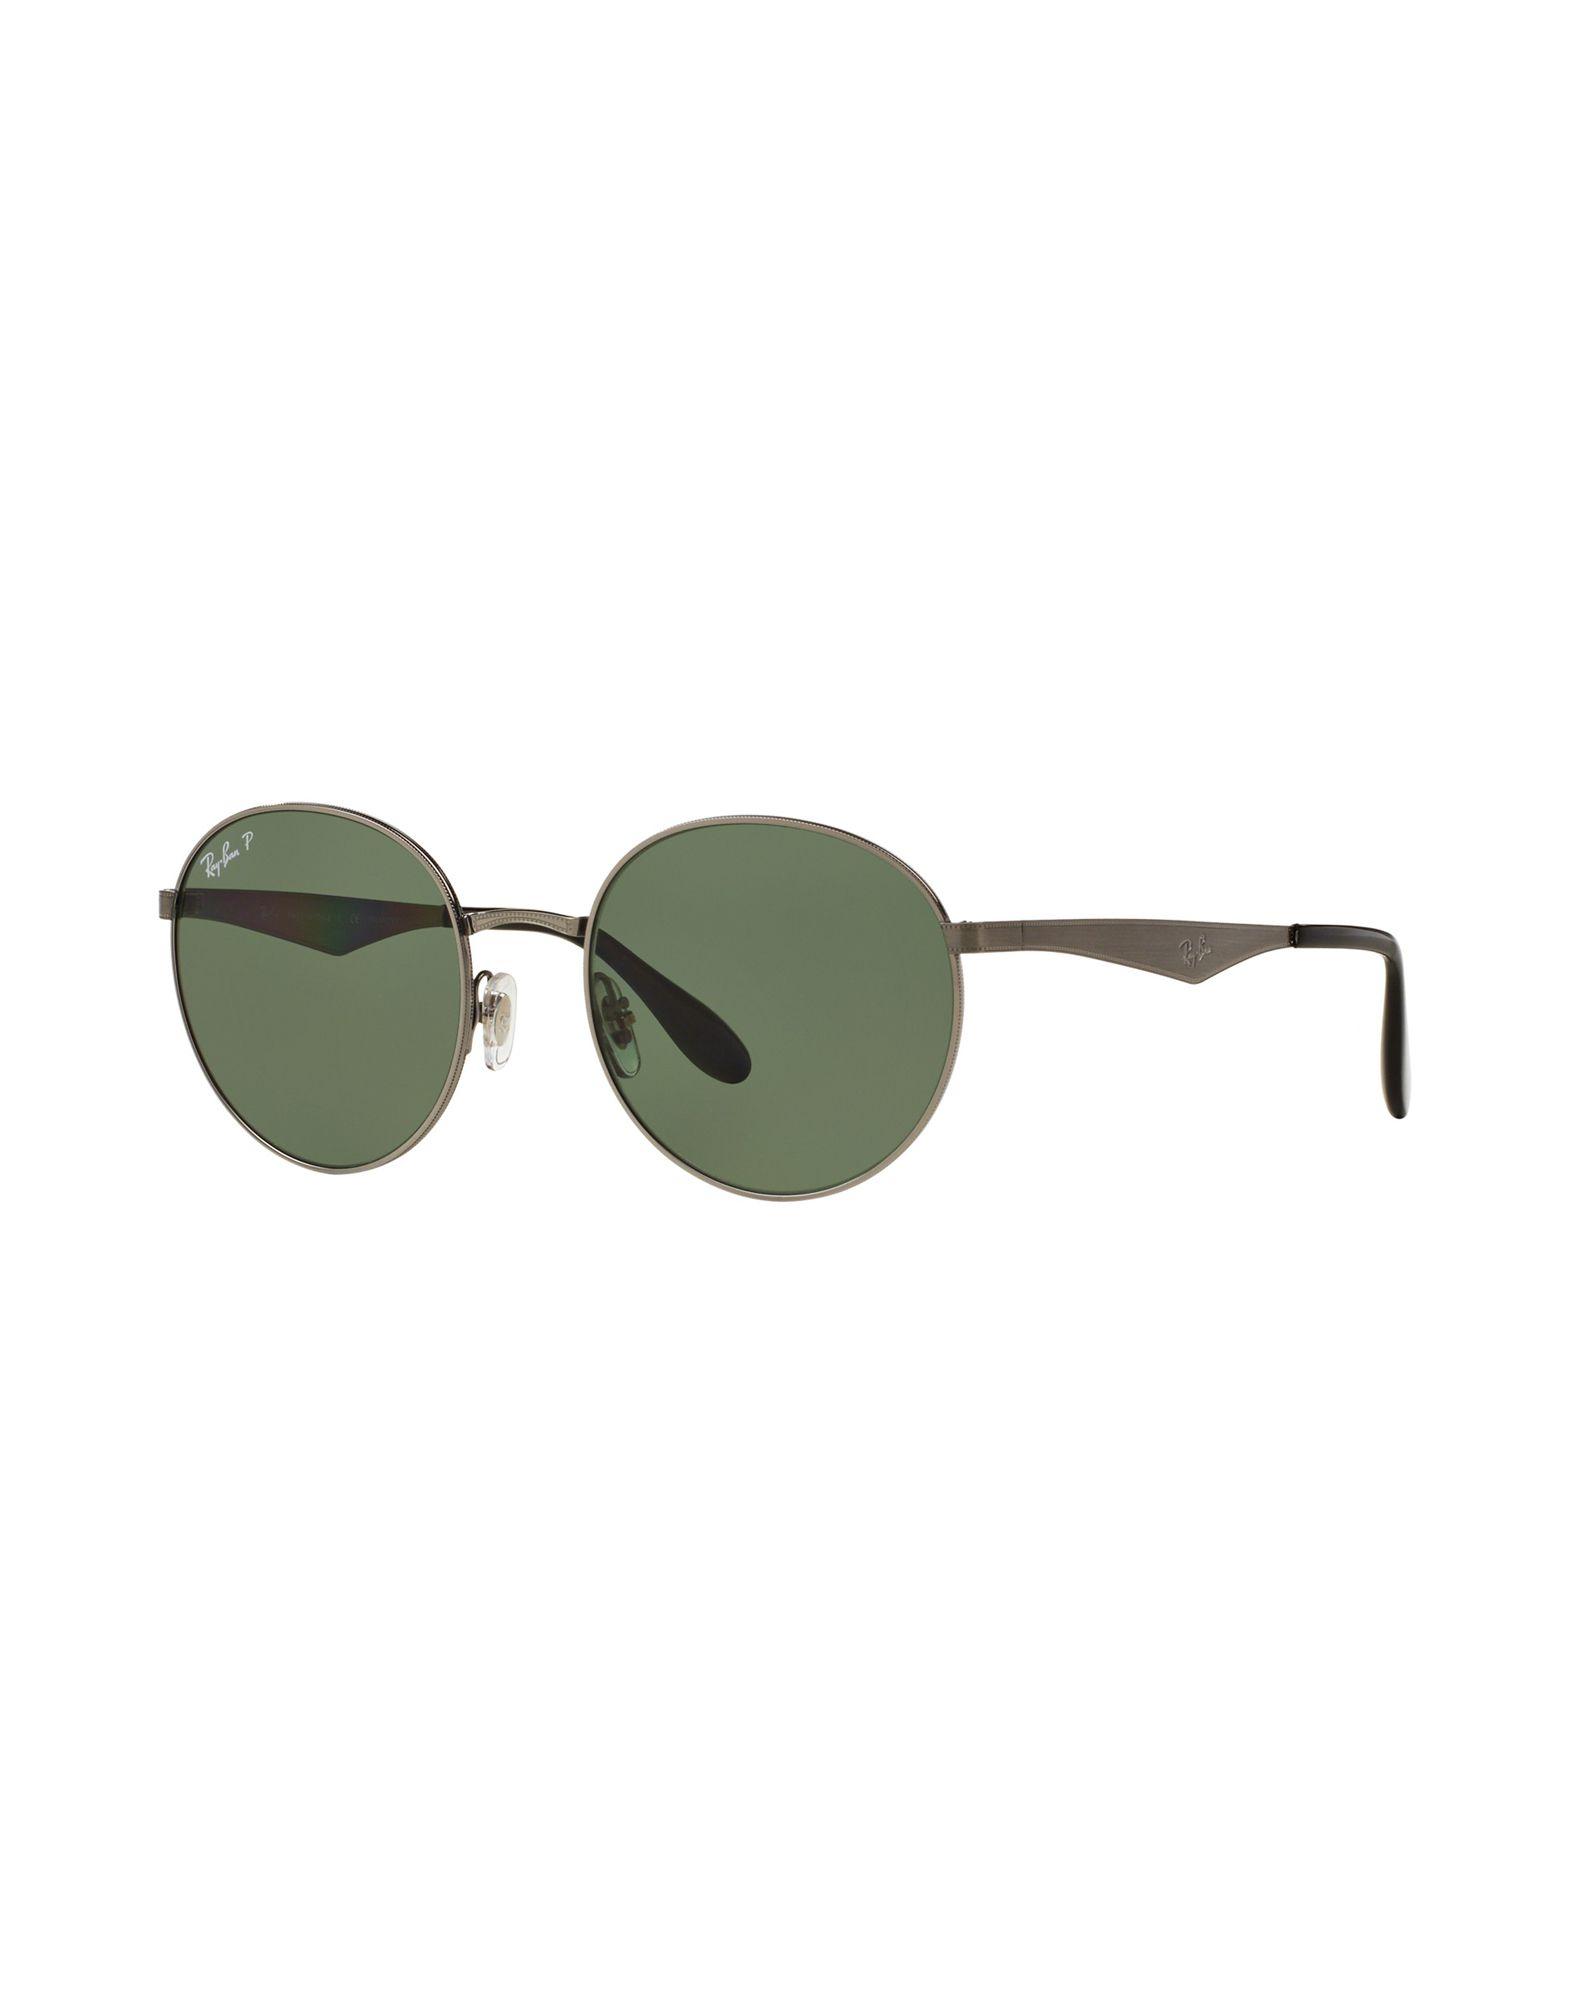 Occhiali Da Sole Ray-Ban Rb3537 - Uomo - Acquista online su